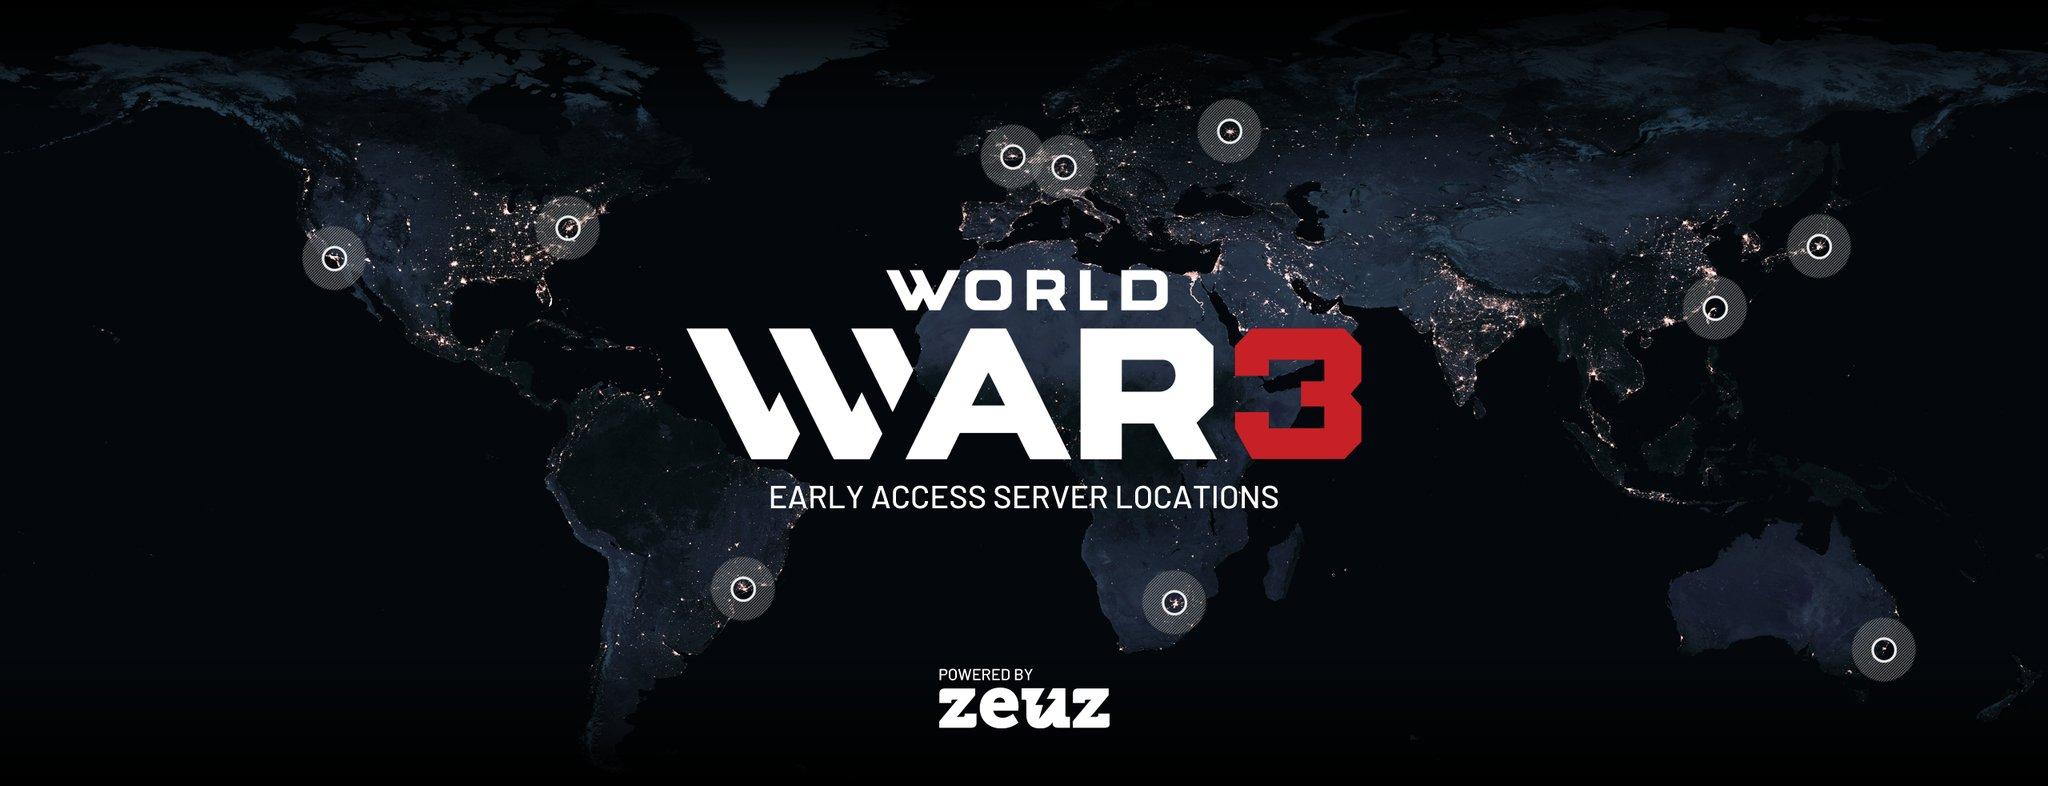 《第三次世界大戰》將有亞服 明日搶先體驗流暢廝殺